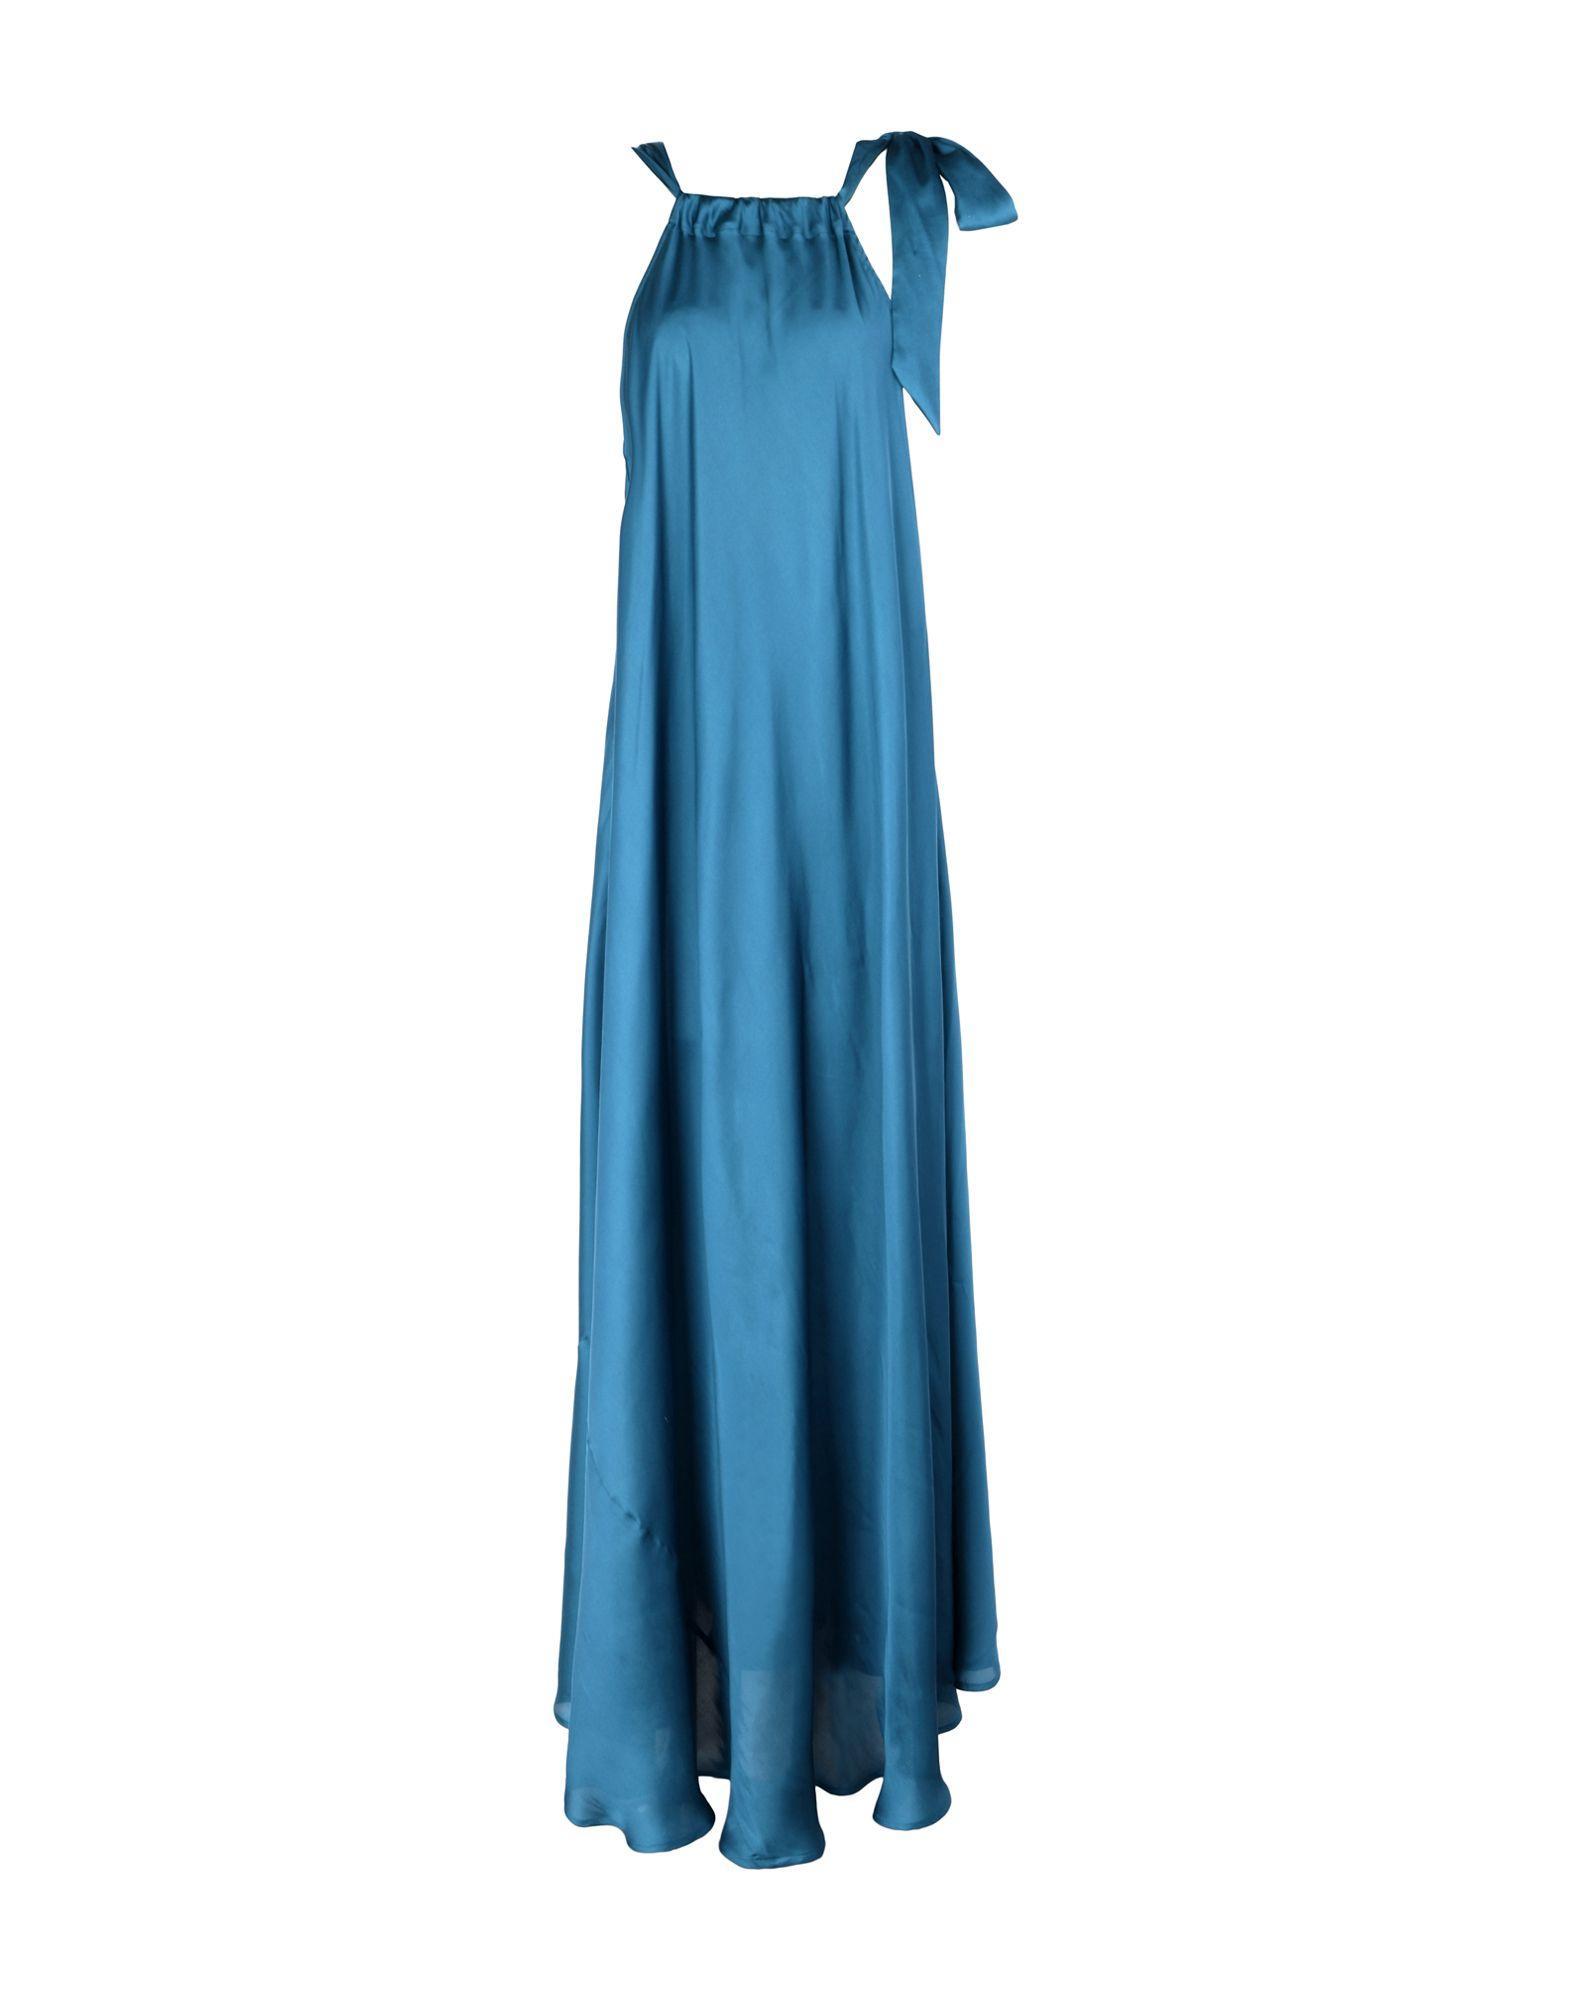 Длинное платье  - Коричневый,Синий цвет